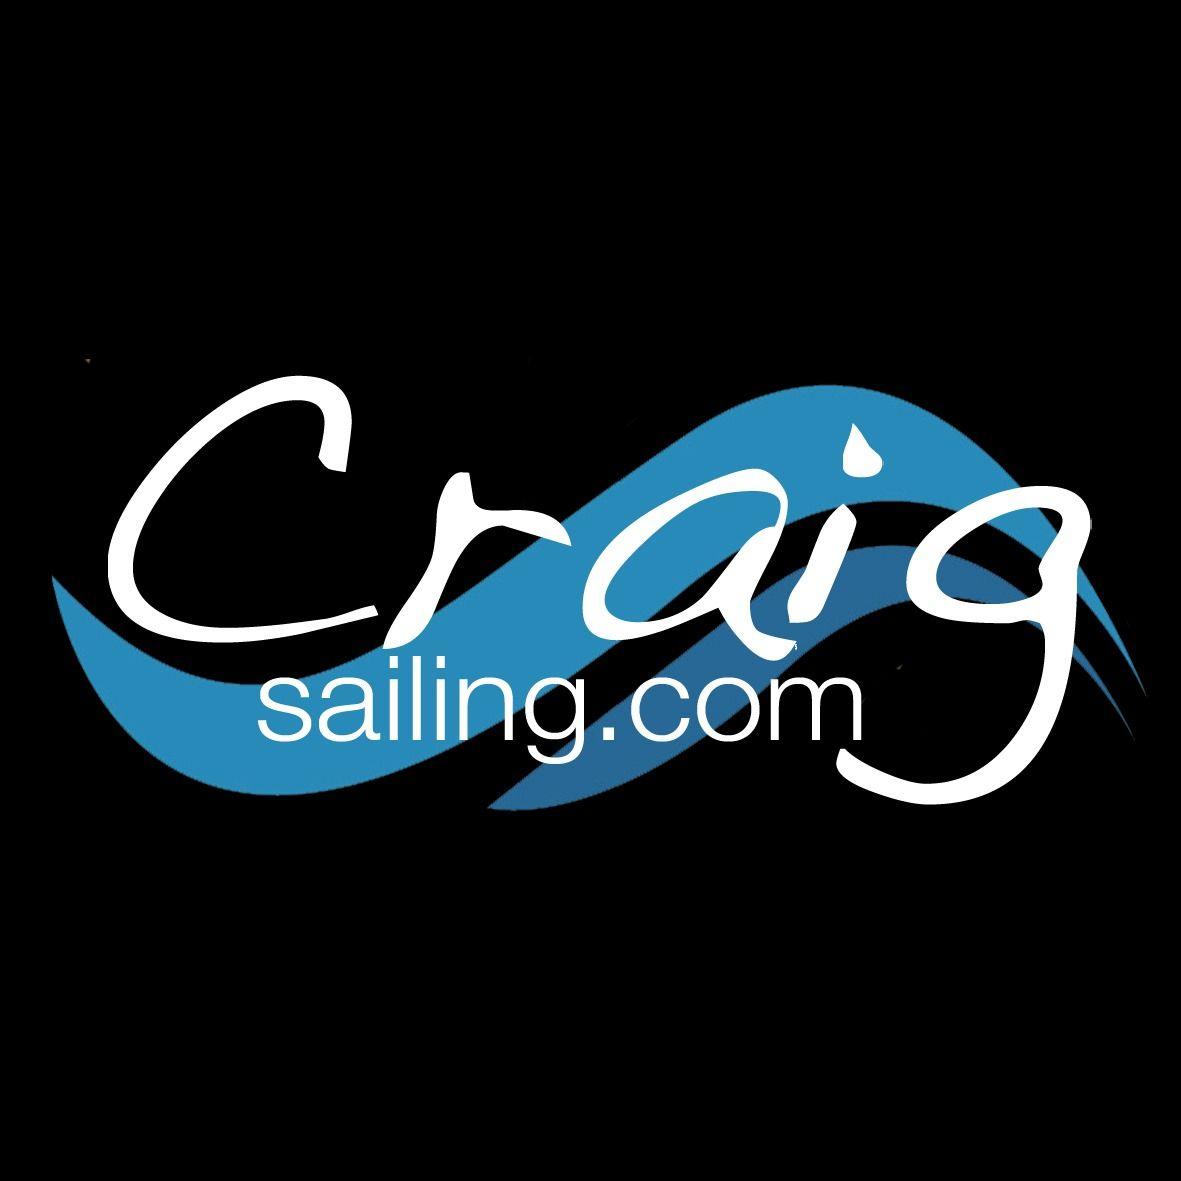 CraigSailing